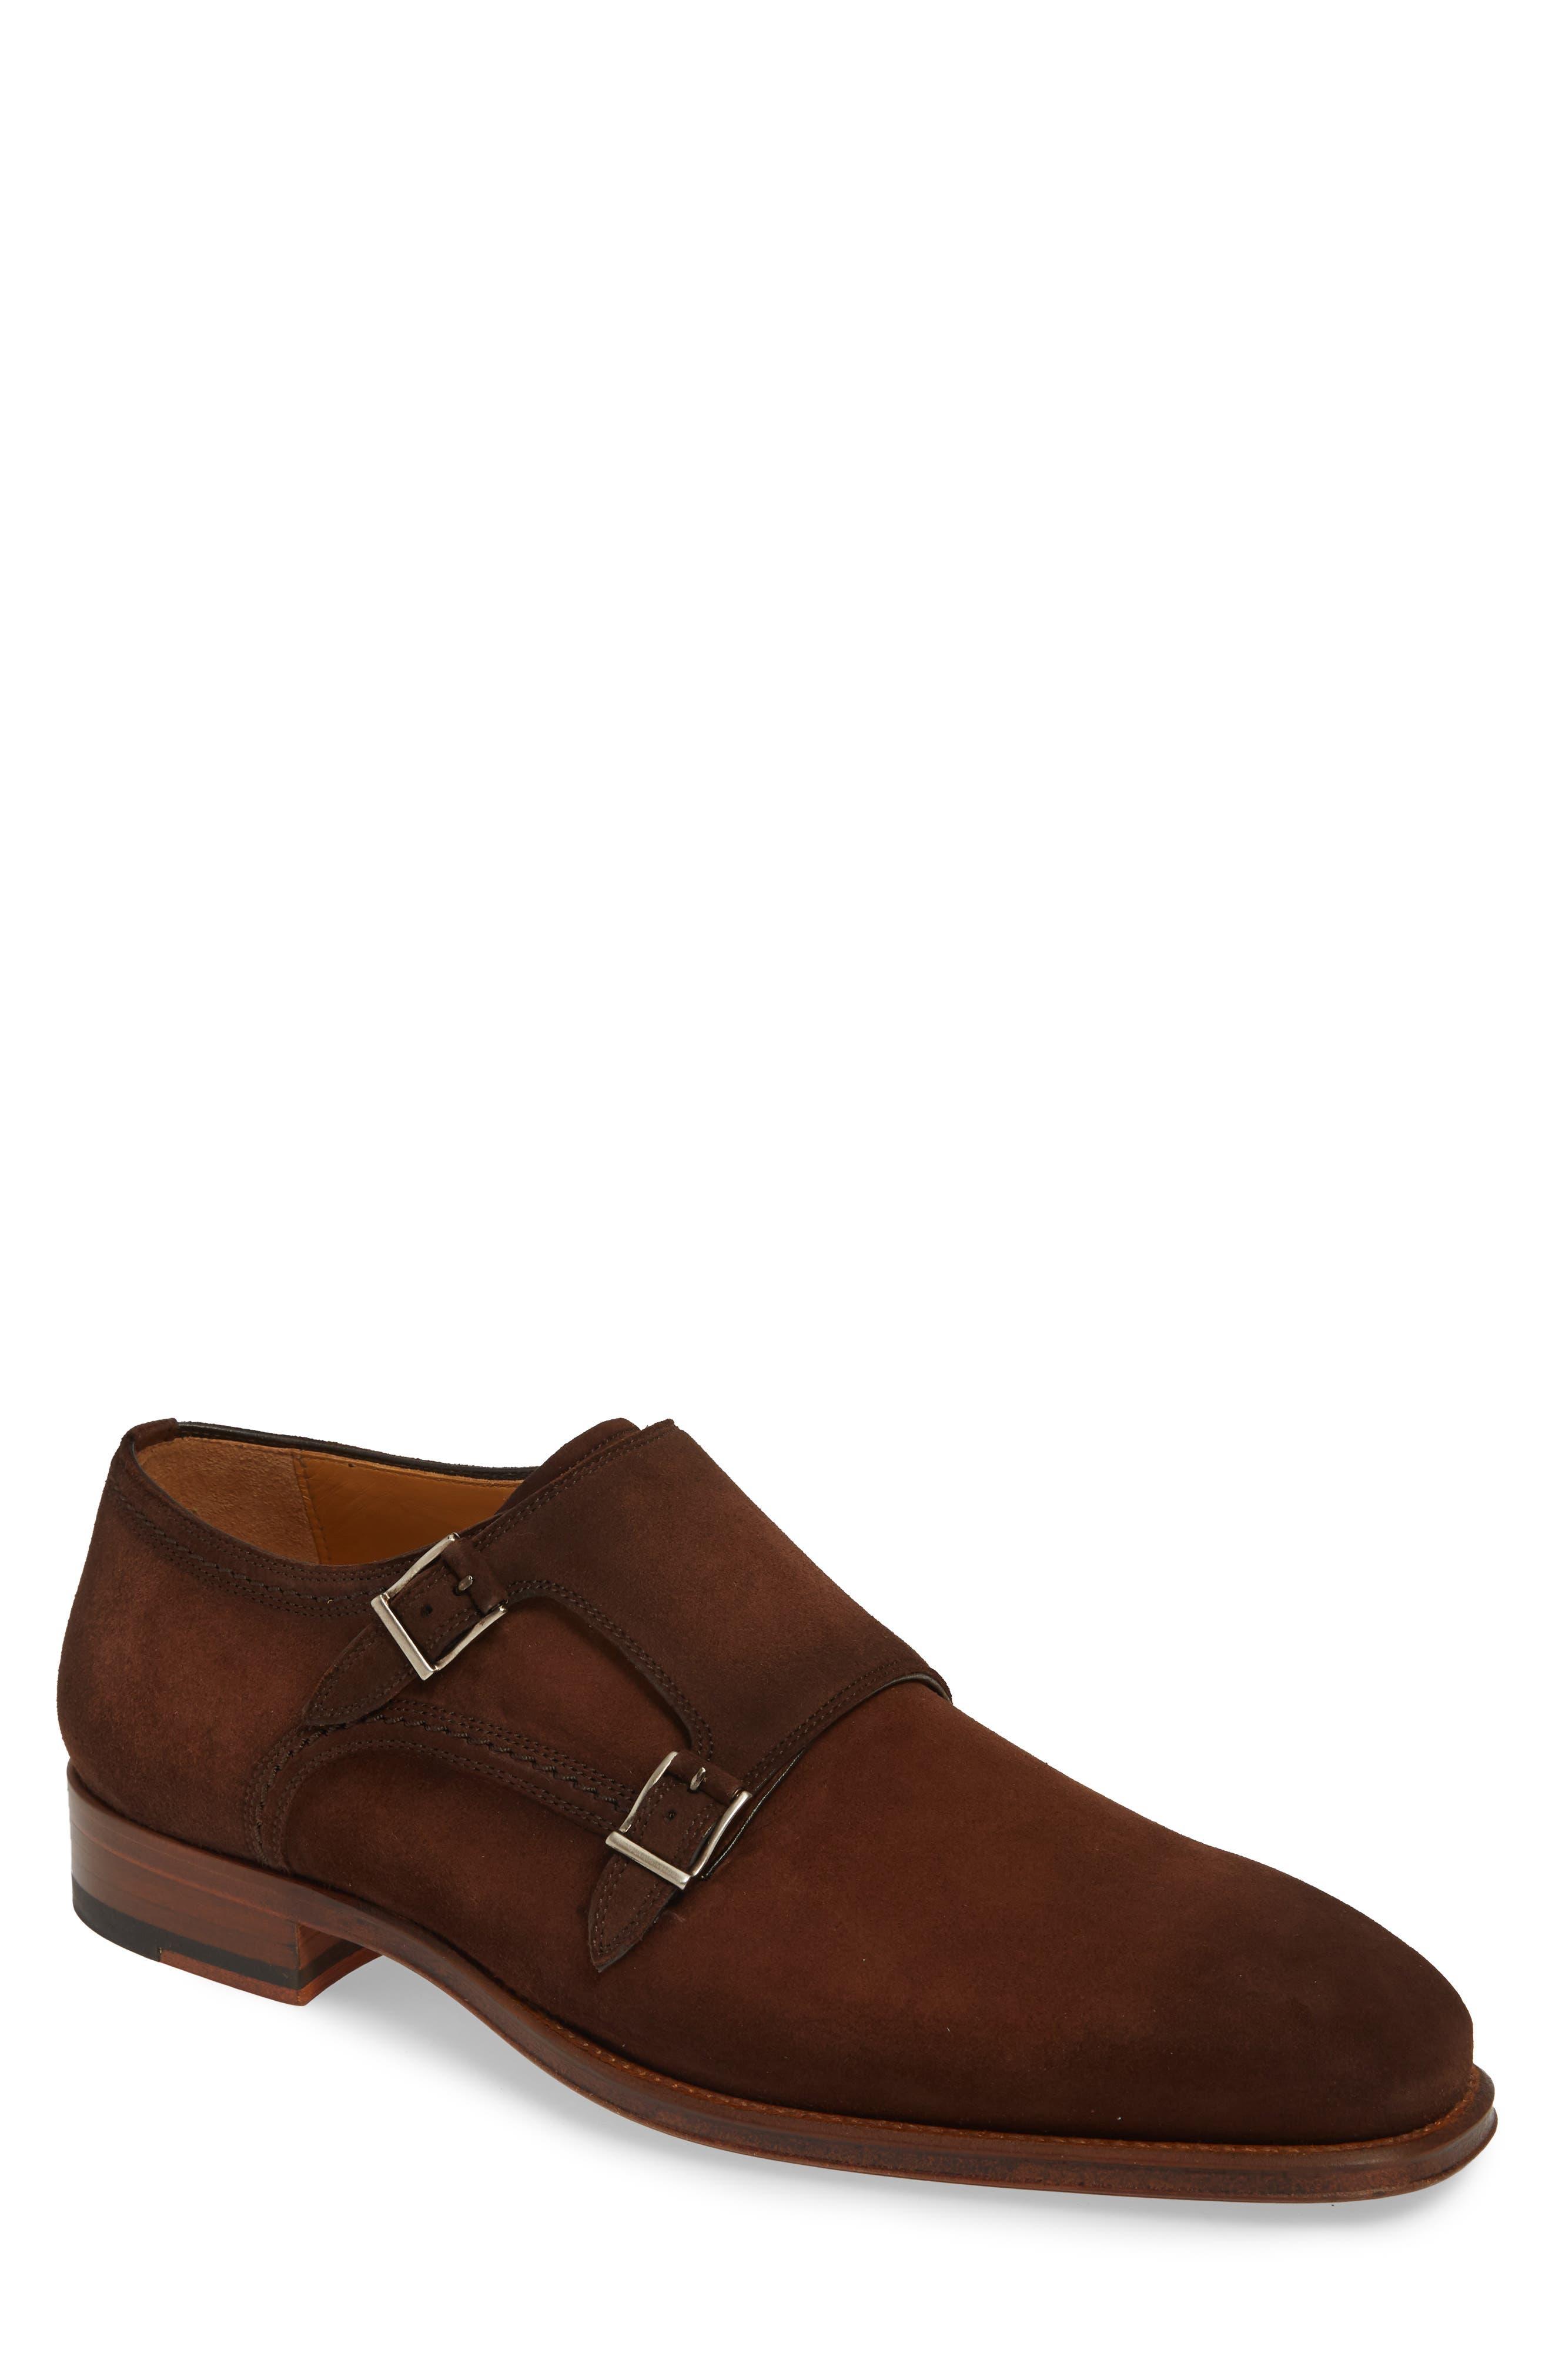 MAGNANNI, Landon Double Strap Monk Shoe, Main thumbnail 1, color, MID BROWN